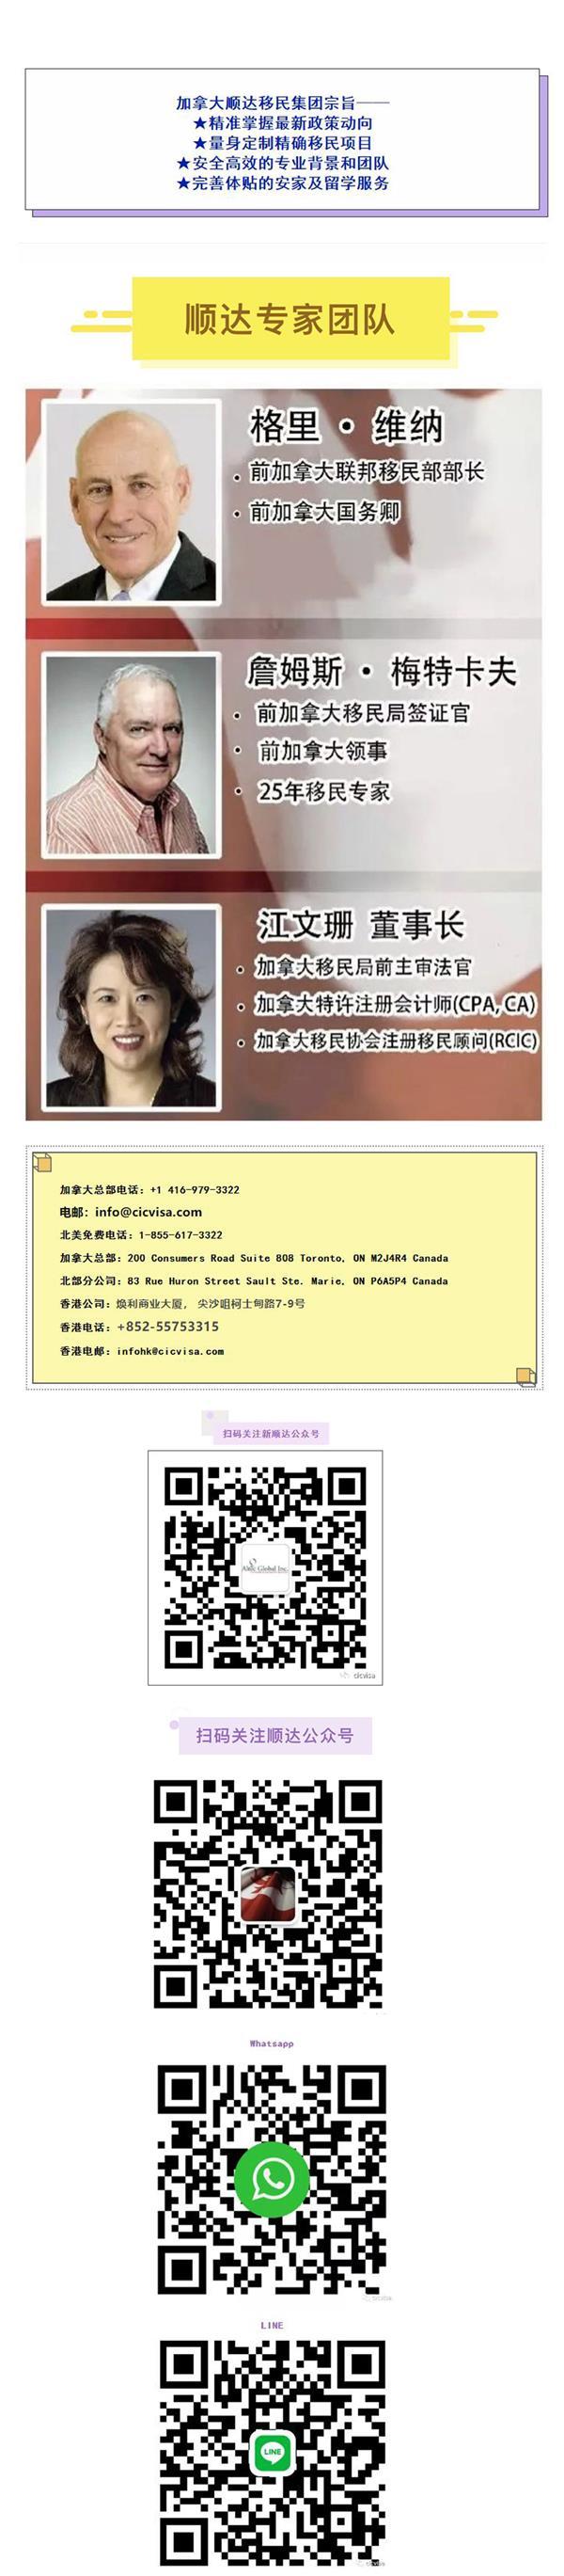 顺达又一成功案例:安省雇主担保海外劳工省提名类别顺利获批!3